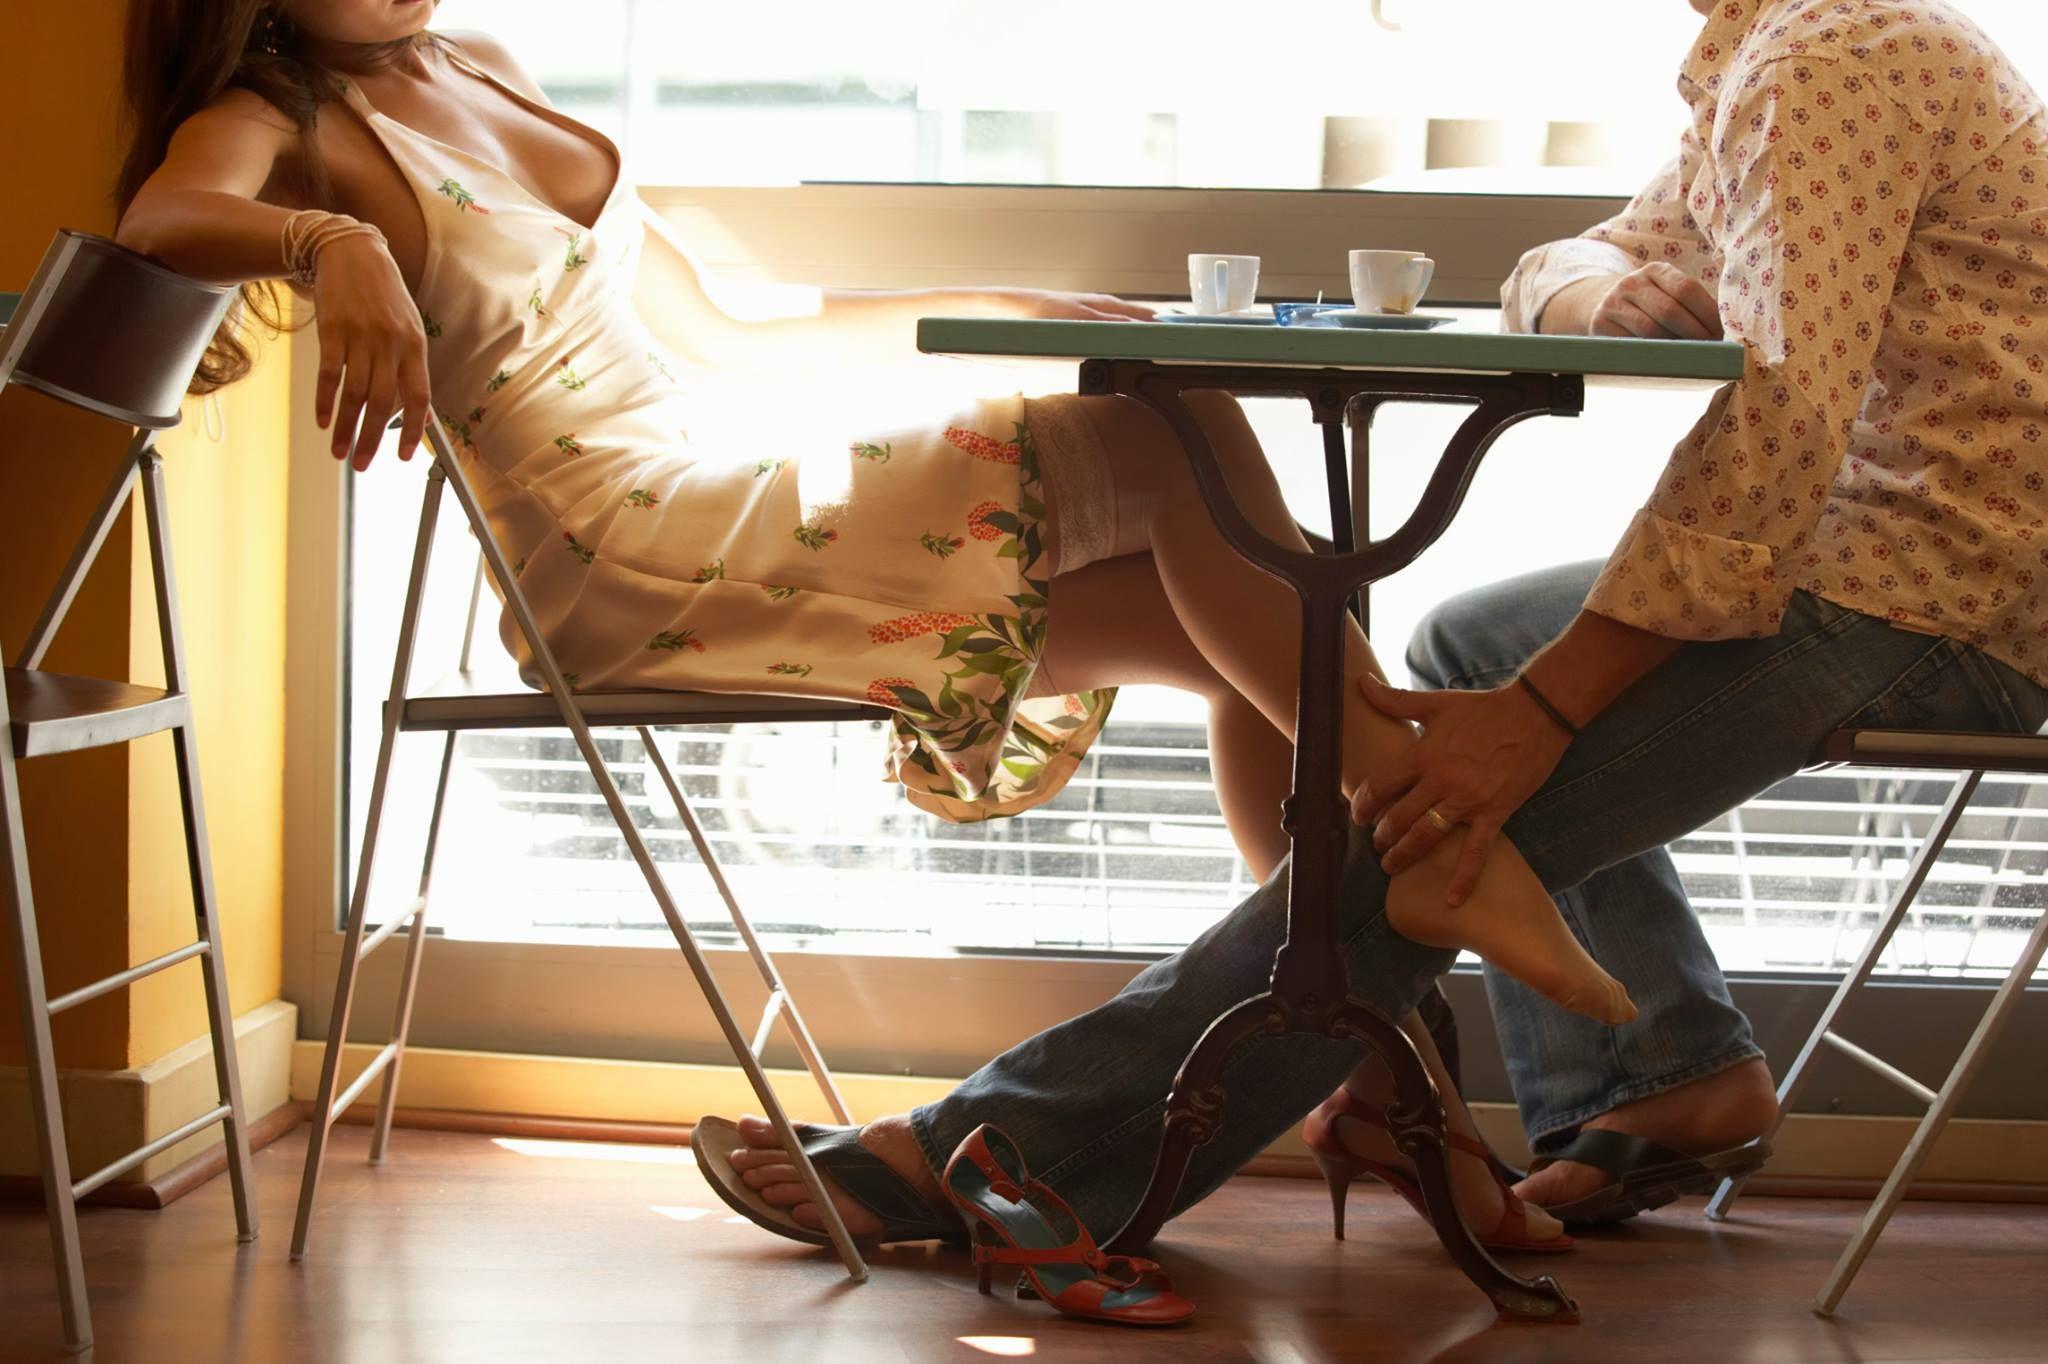 Трогает под столом 2 фотография